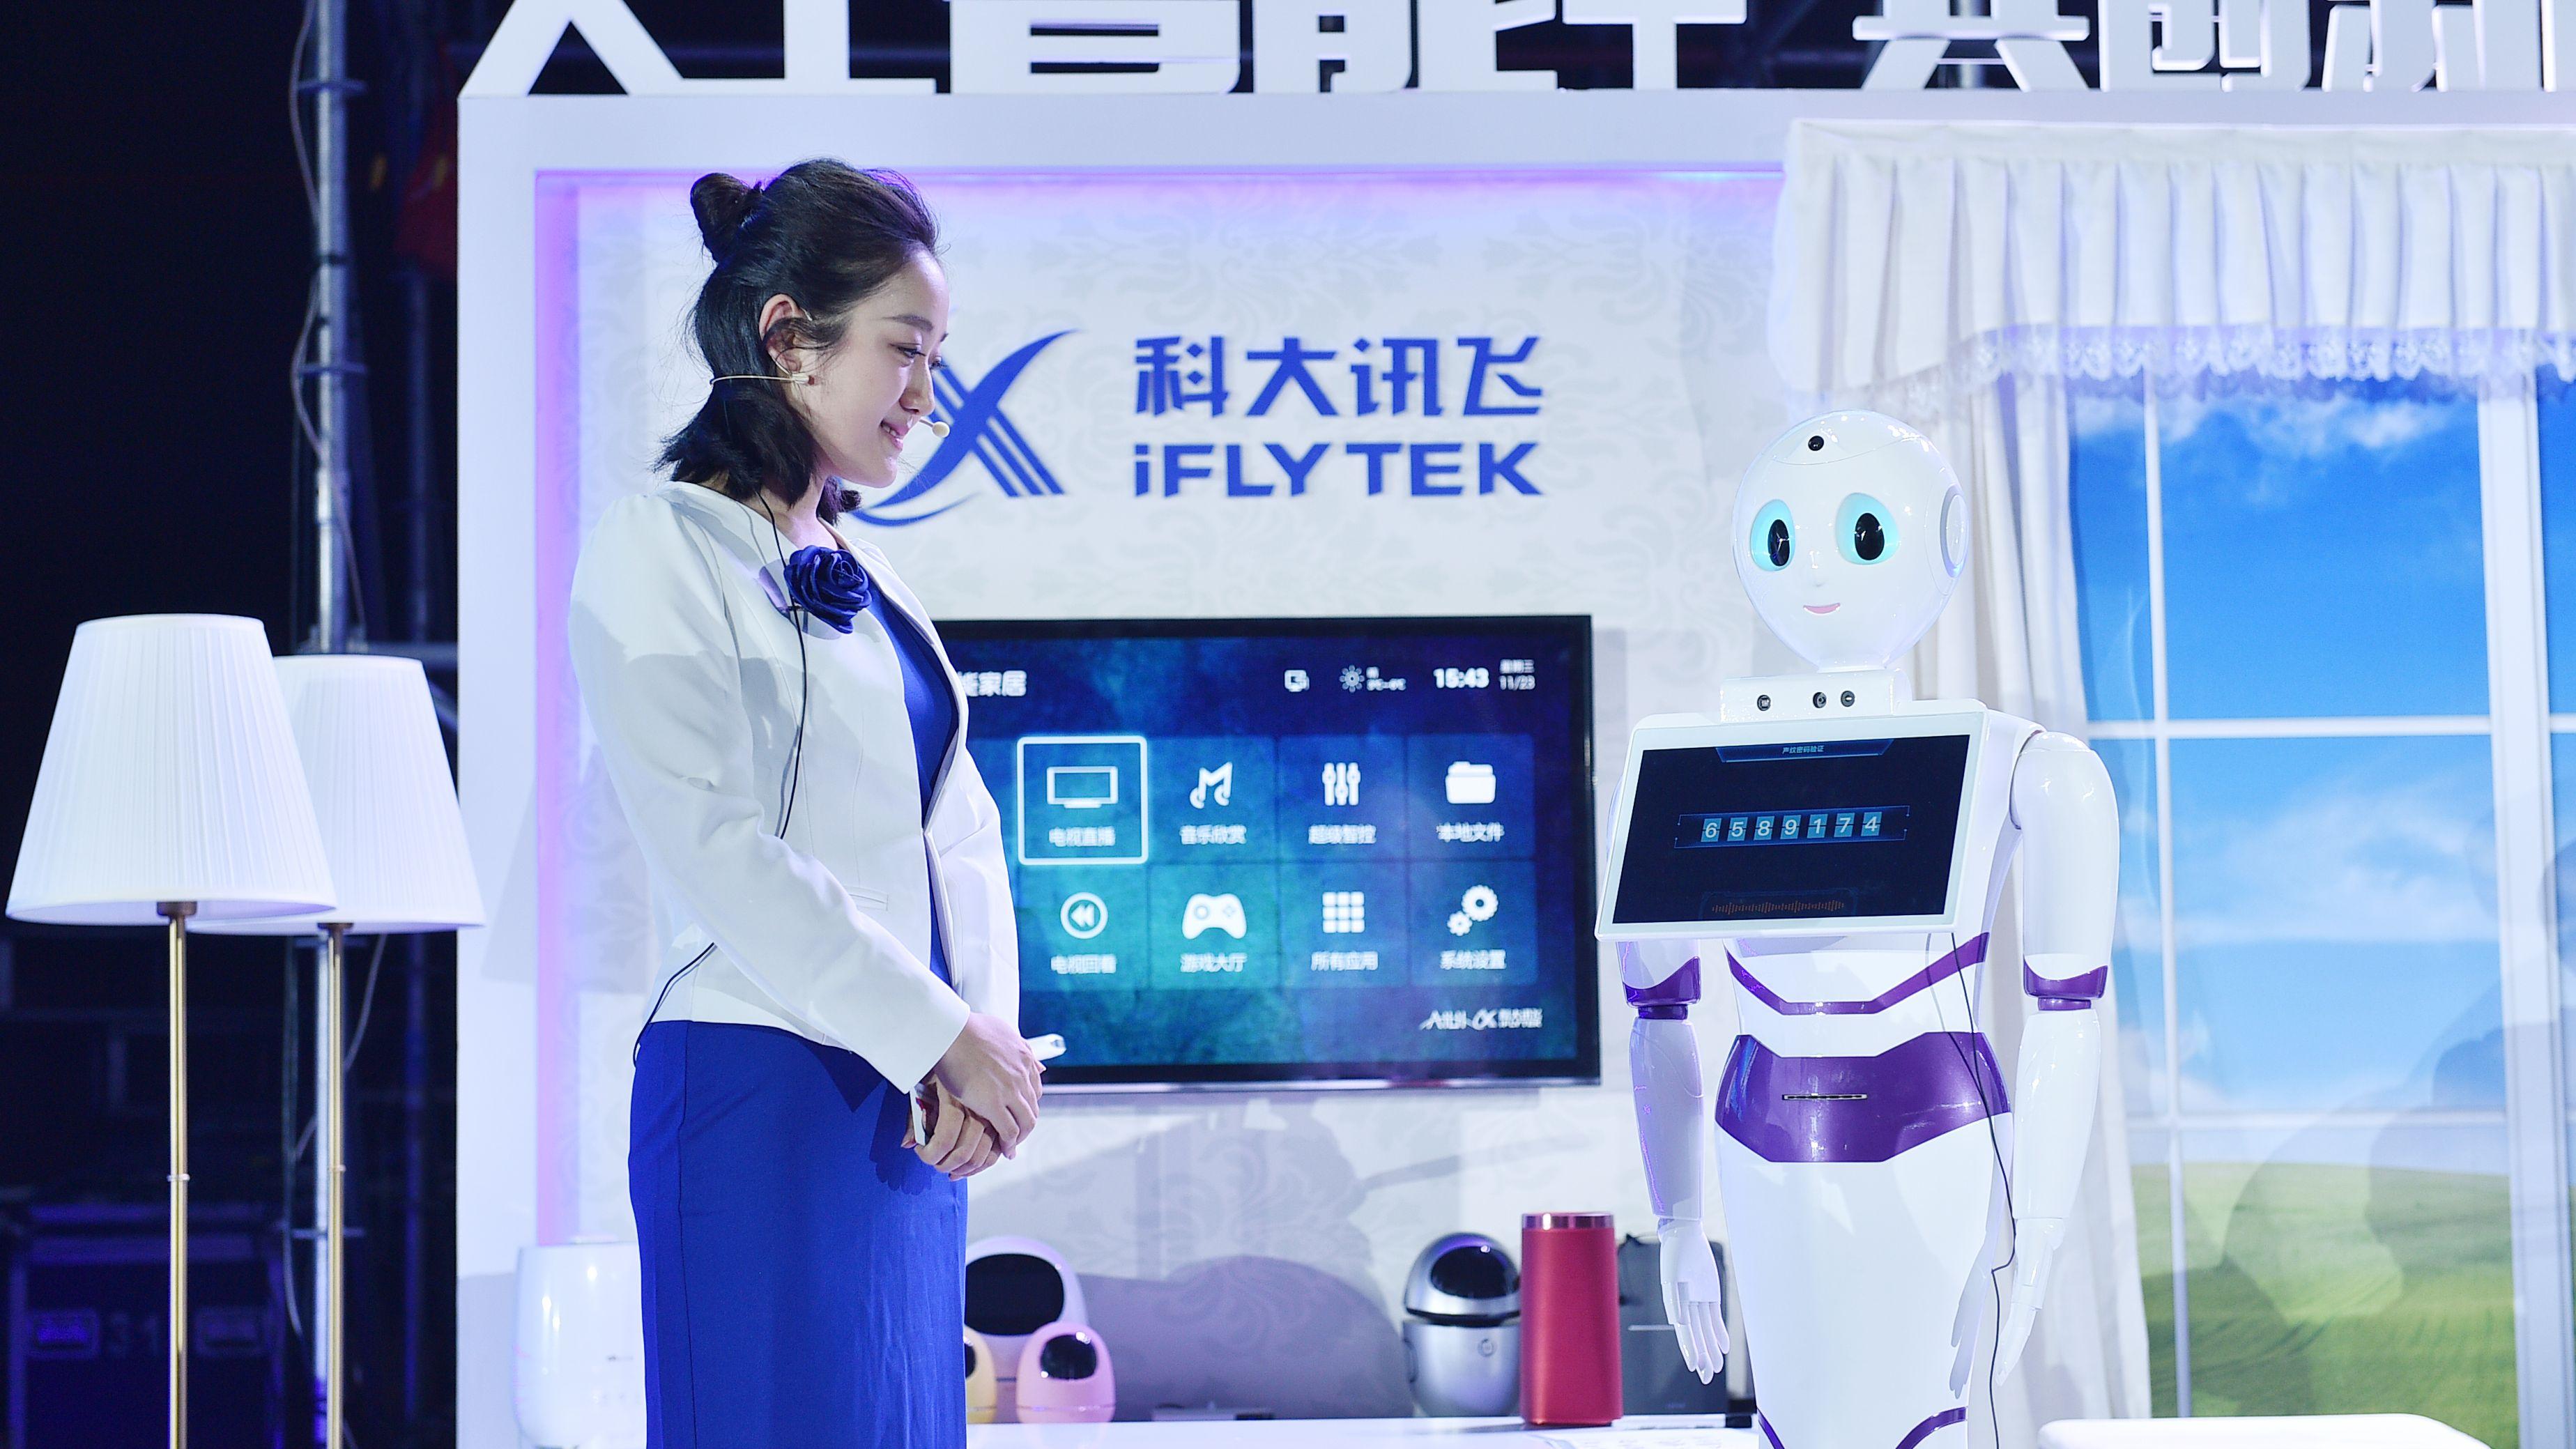 利用者は5億人超、謎のAI企業の音声アプリが変える中国の風景